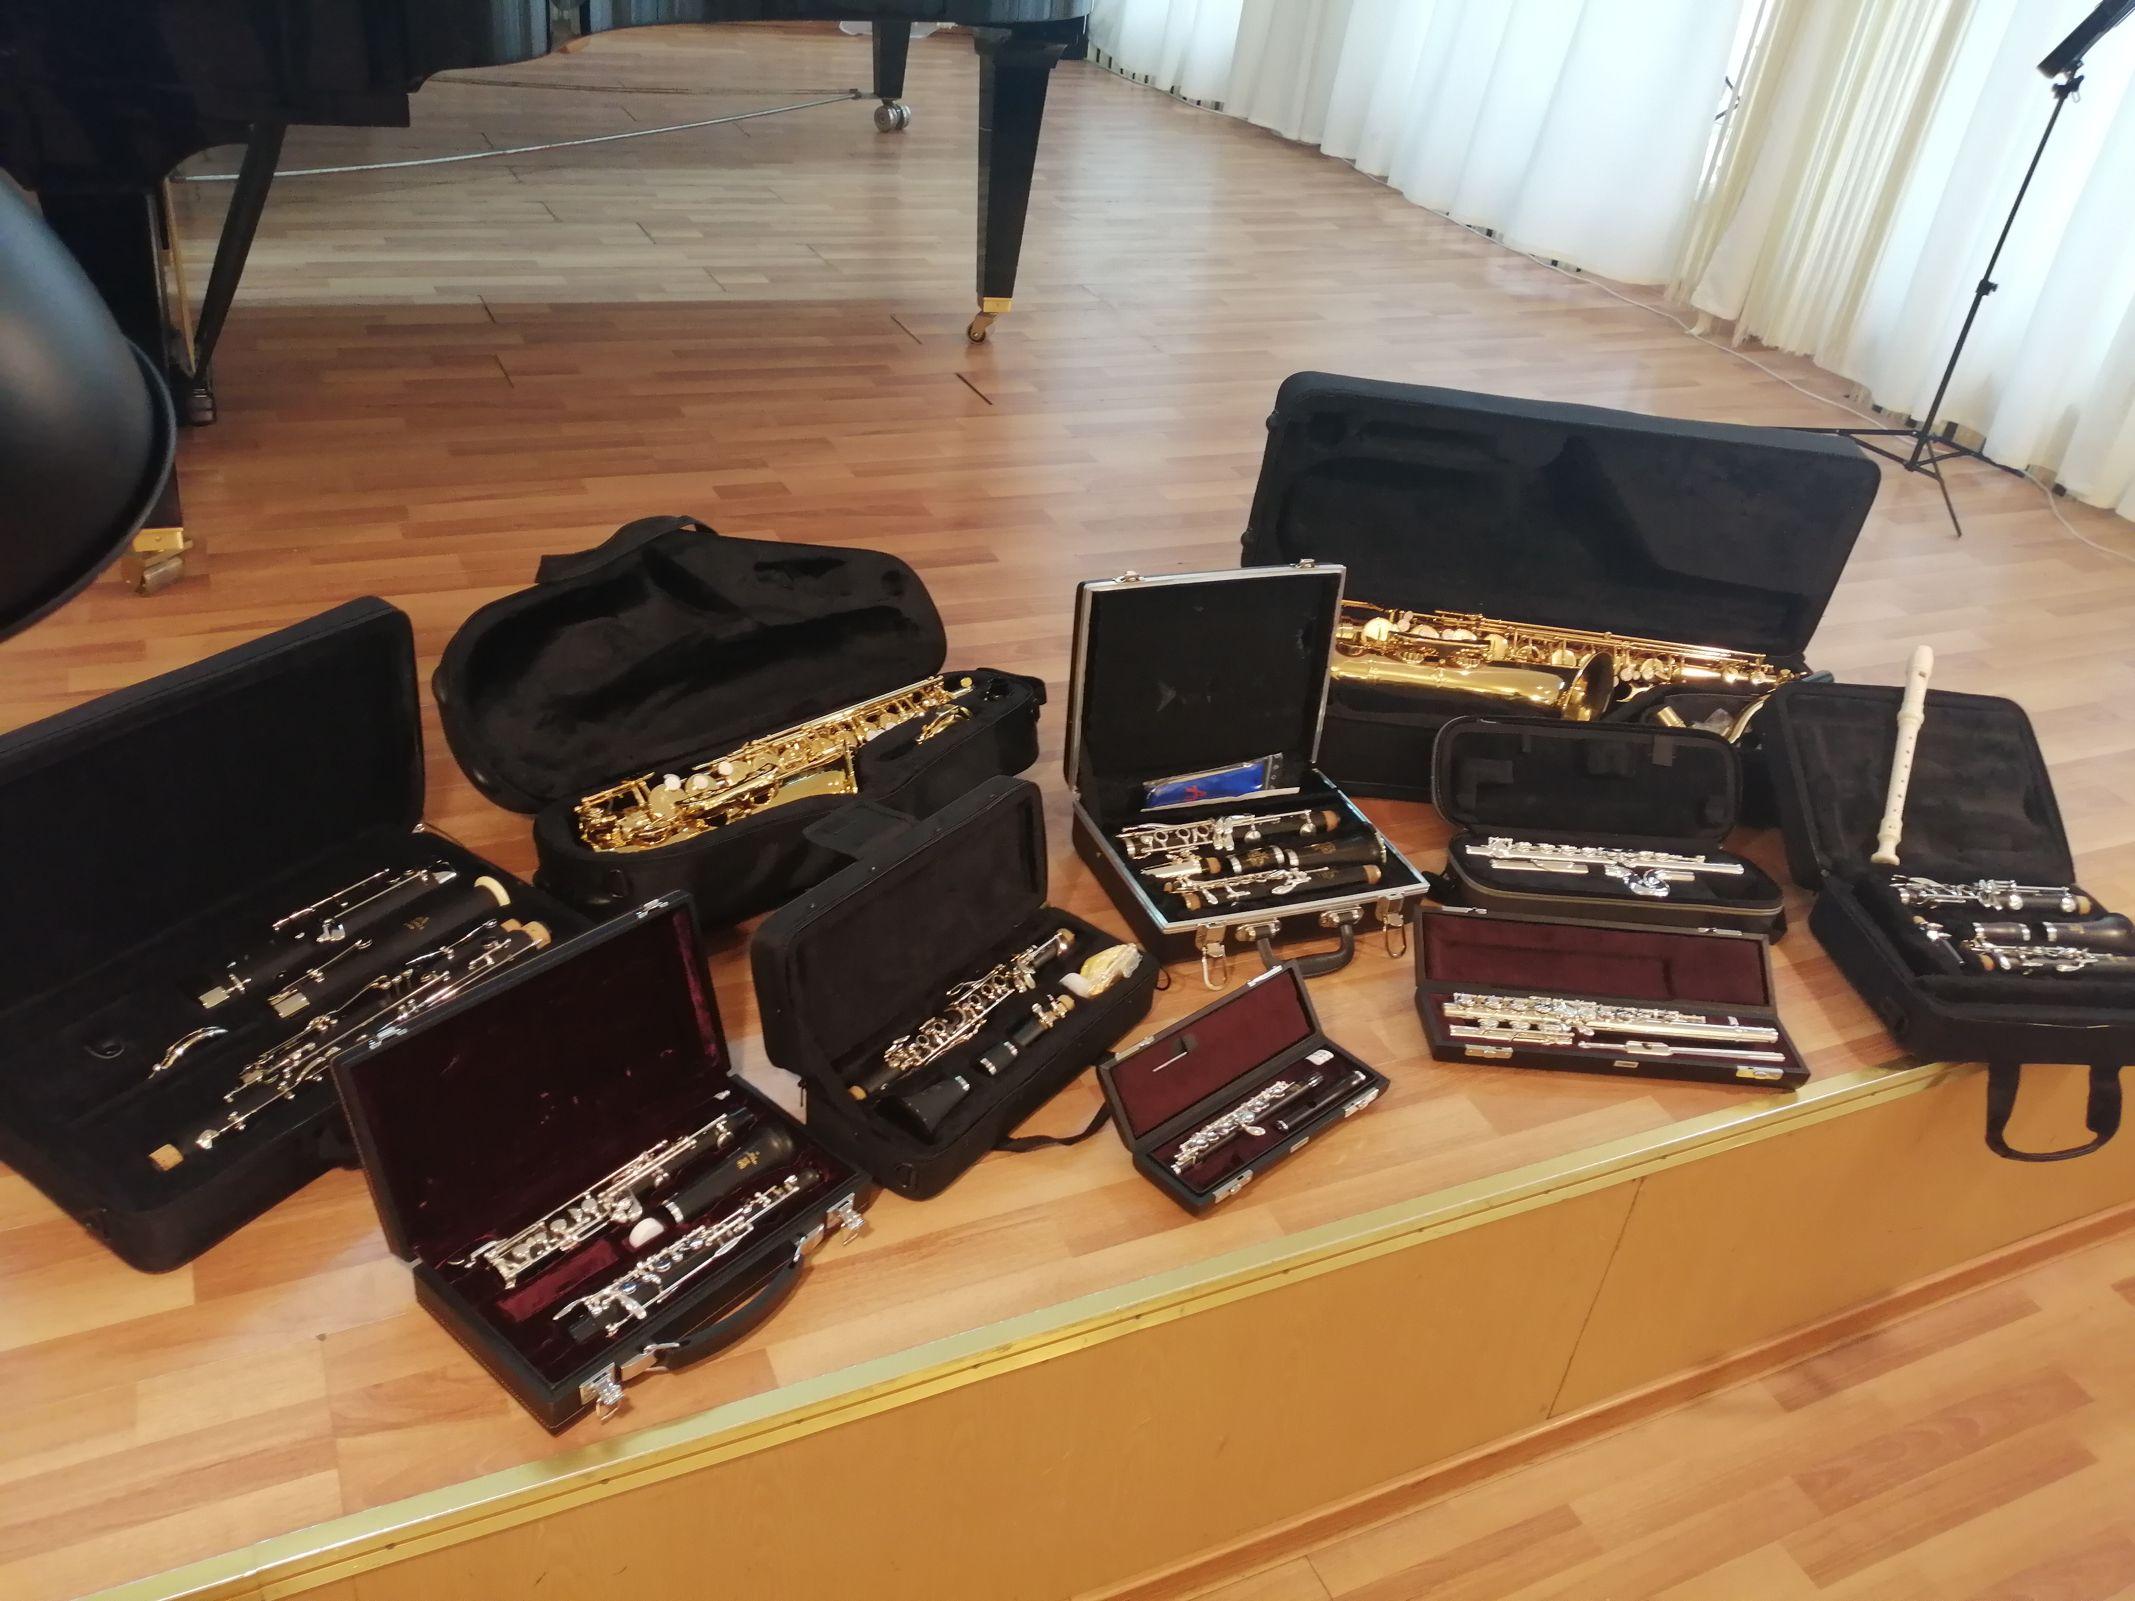 Крупная партия музыкальных инструментов поступила в детскую школу искусств имени Л.В. Собинова